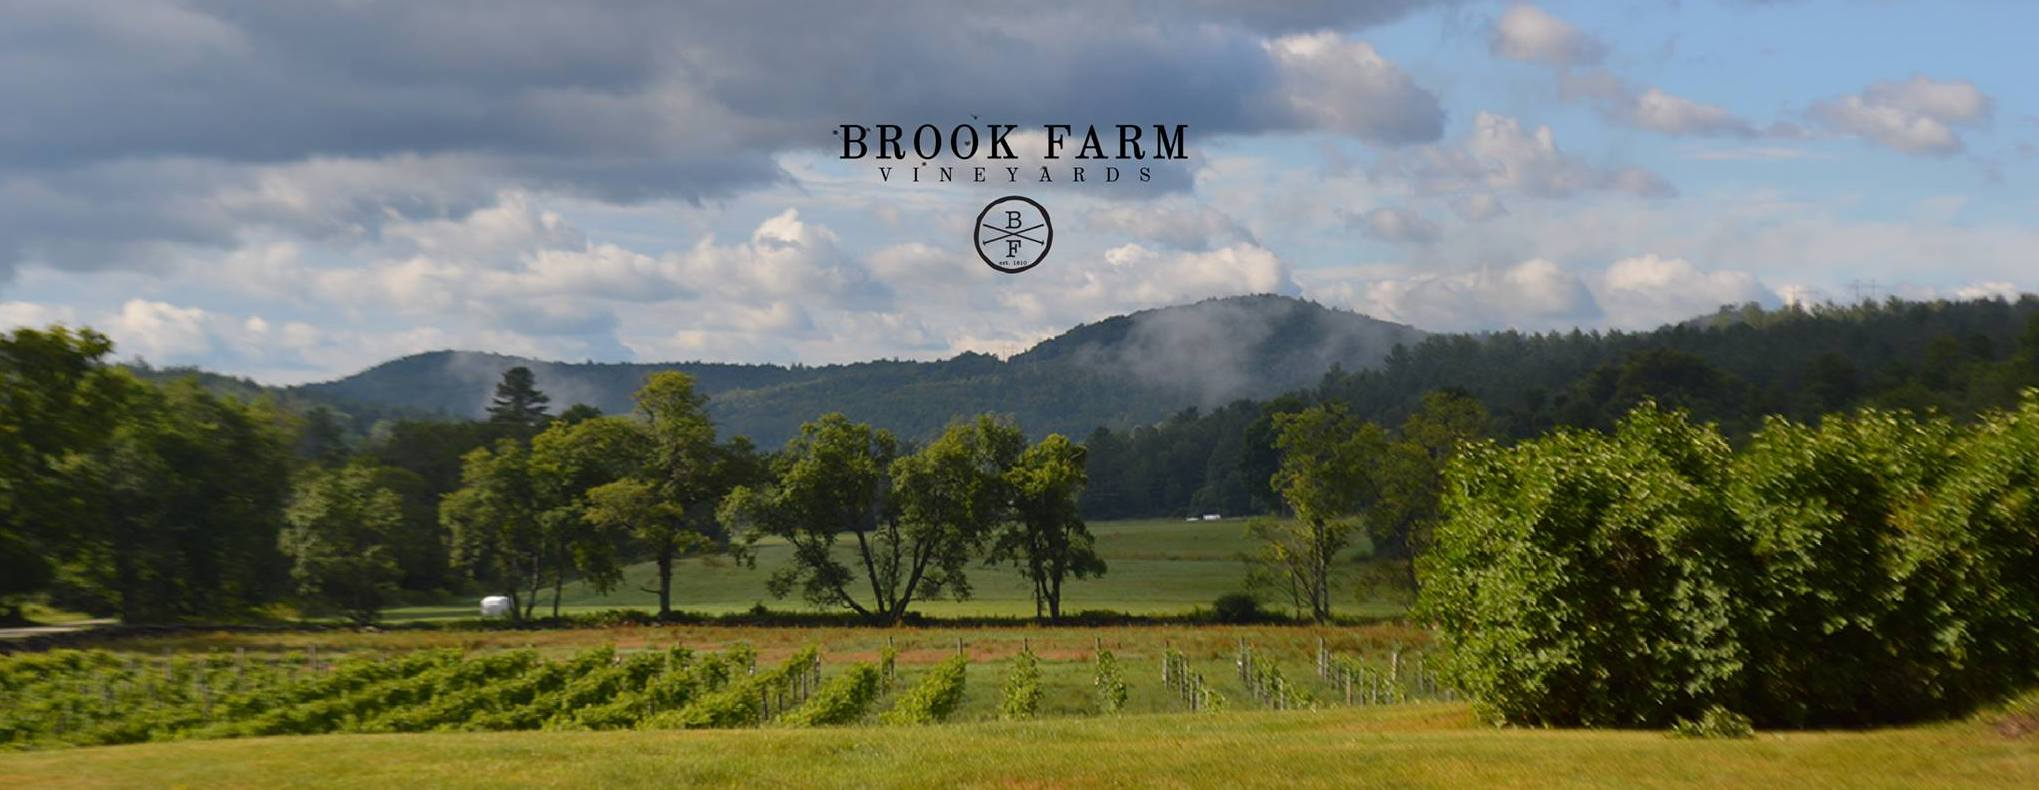 brook farm.13147684_647233982096709_3187957986619890513_o